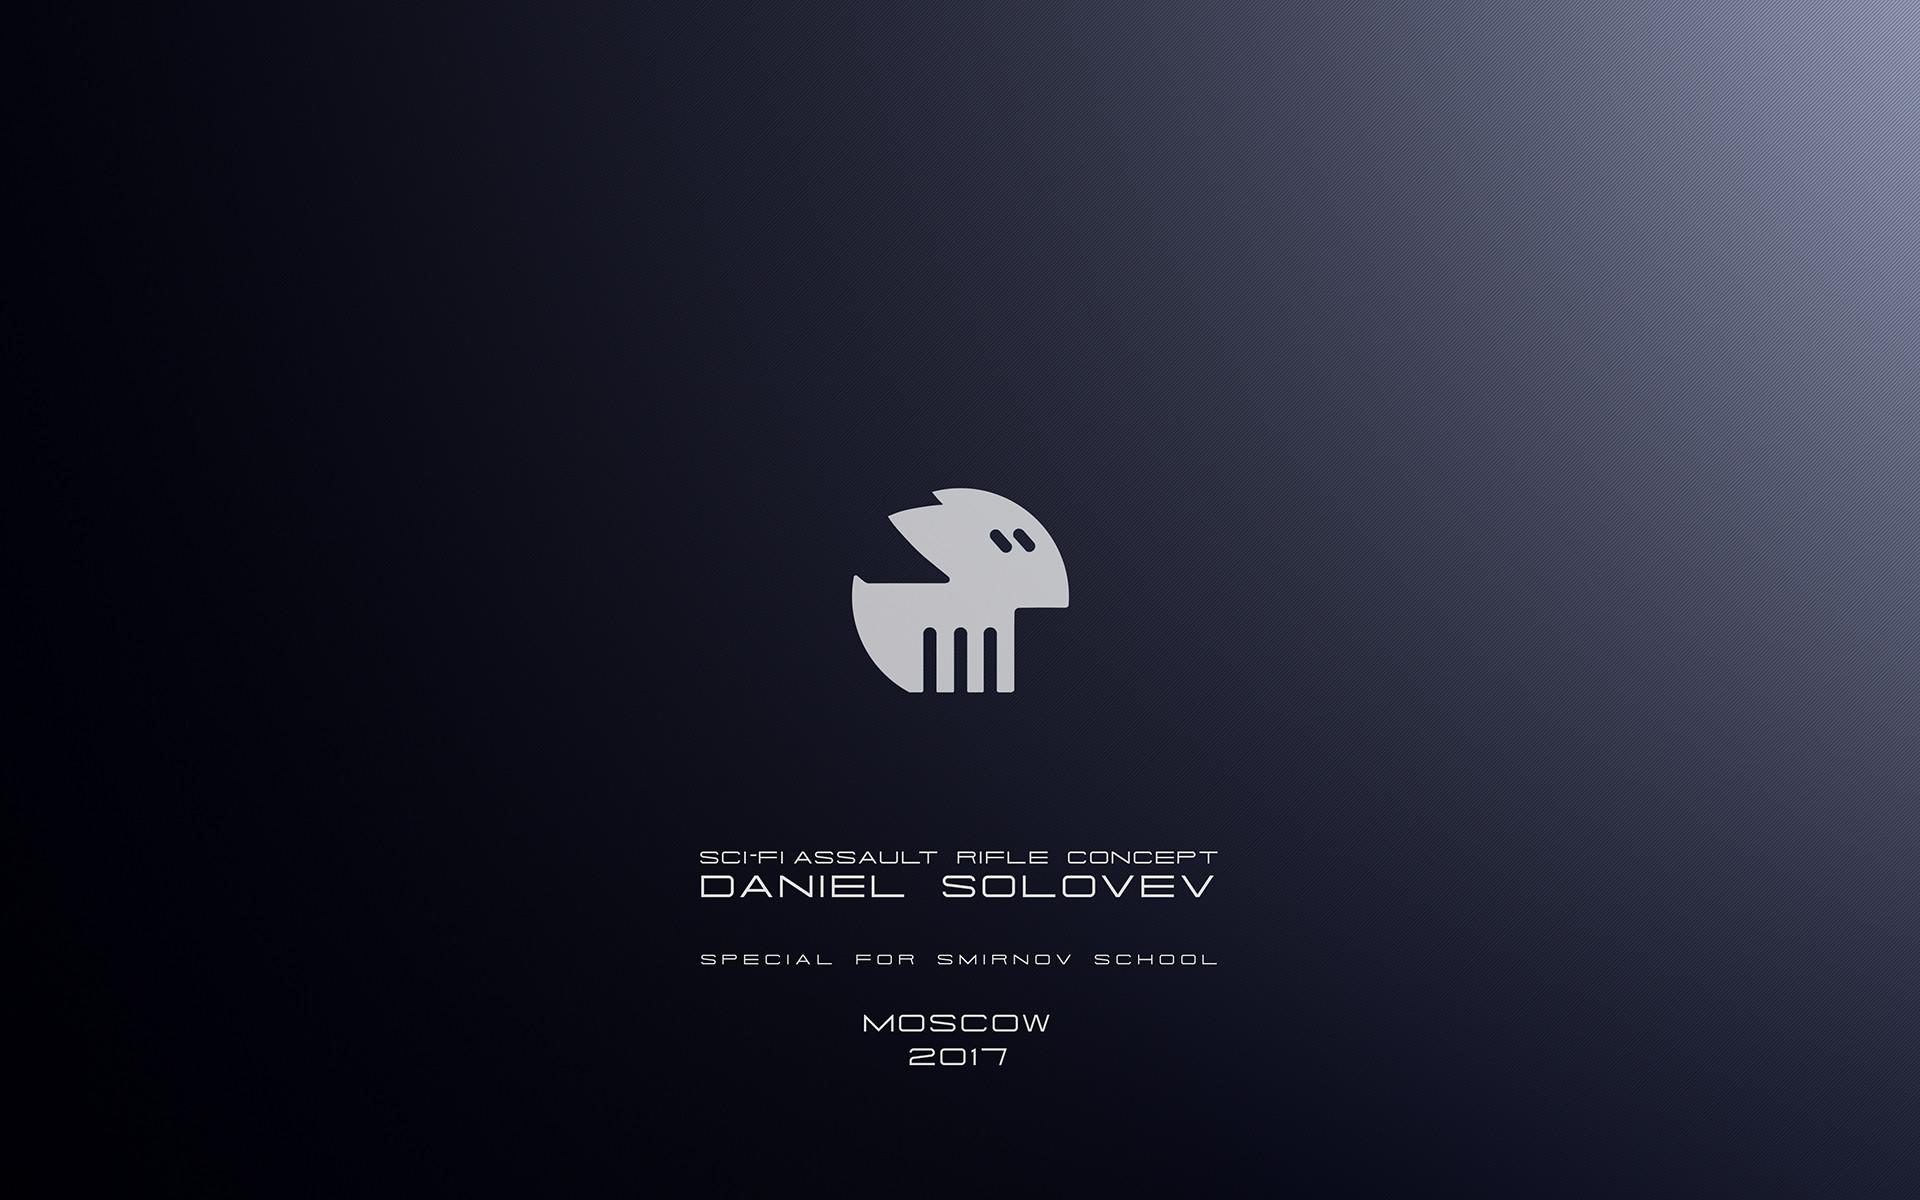 Daniel solovev 50